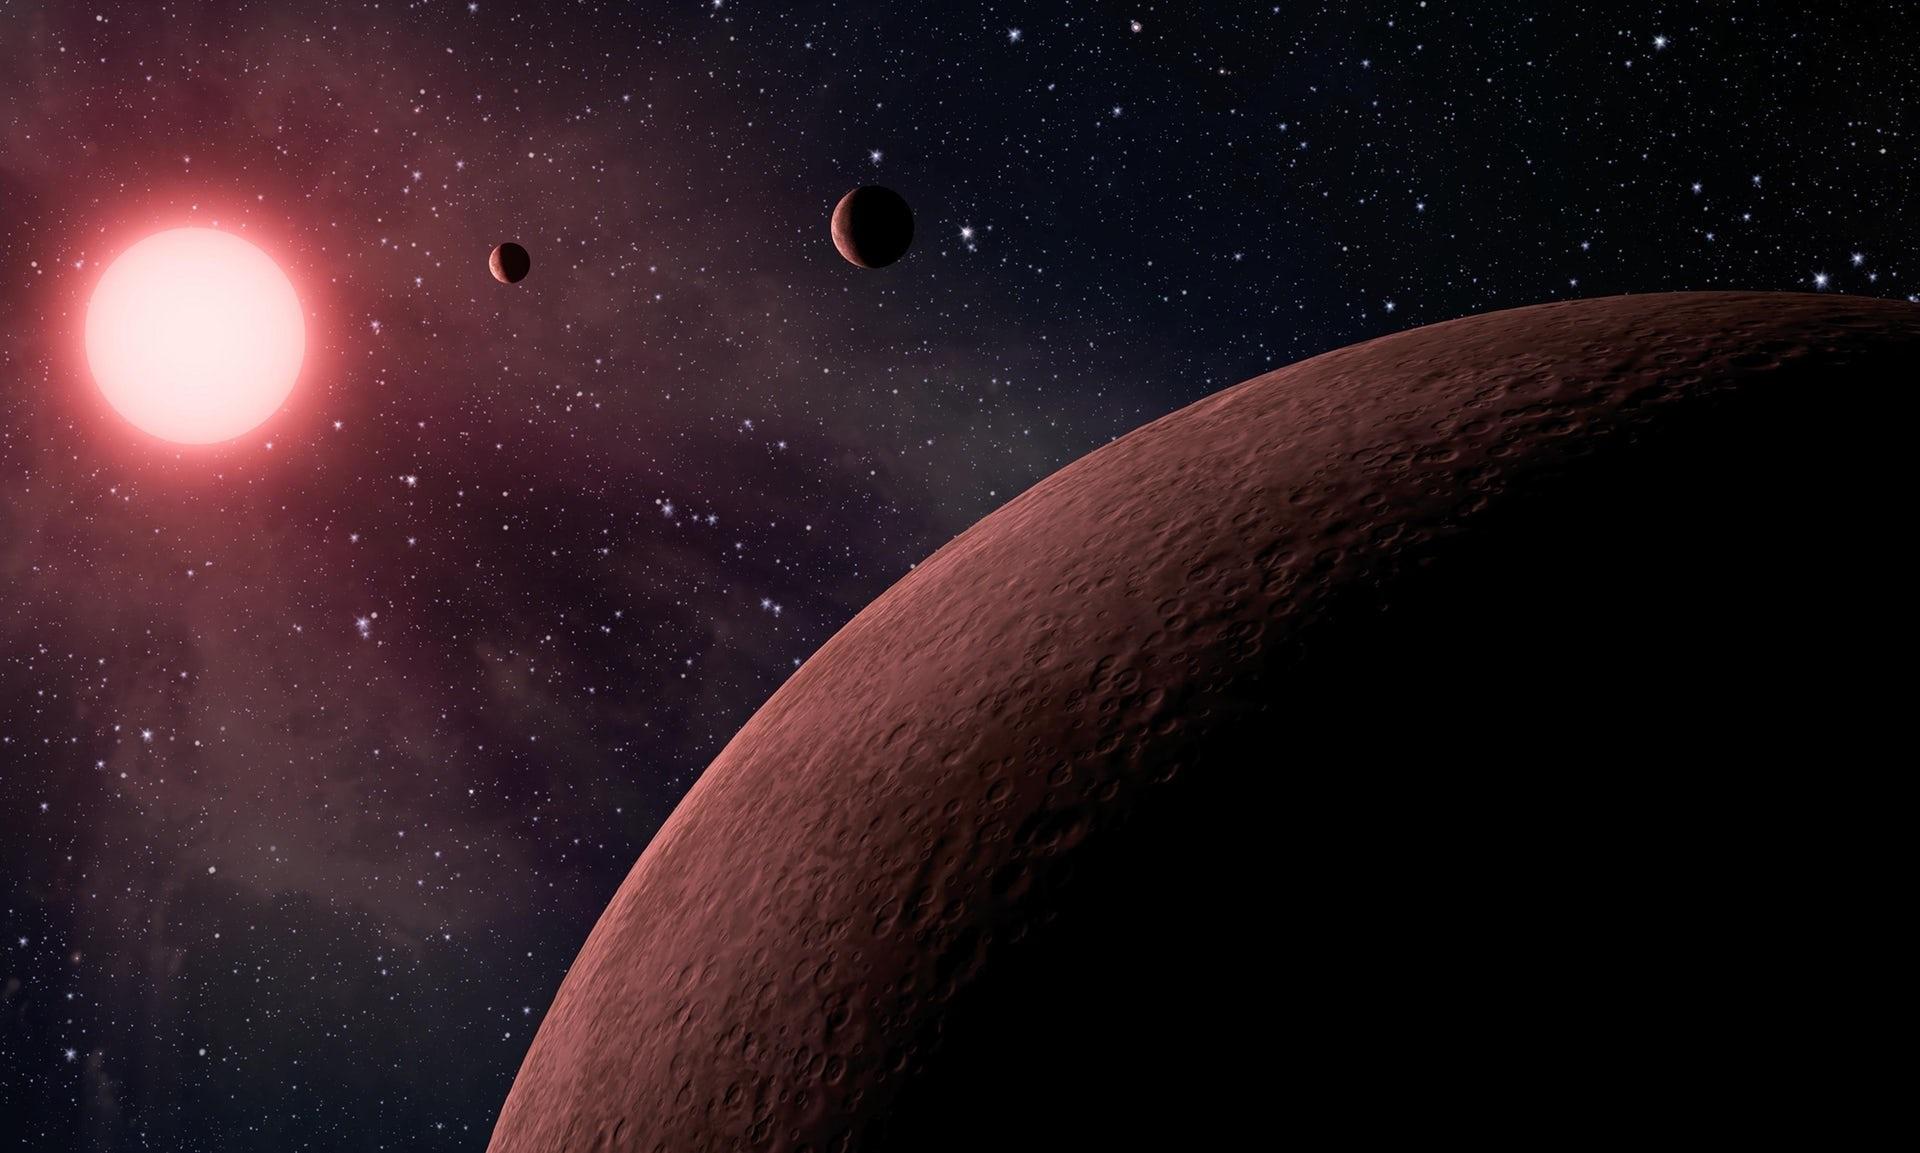 ناسا اعلام کرد: کشف ۱۰ سیاره شبیه به زمین و با امکان وجود حیات/ ما تنها نیستیم؟